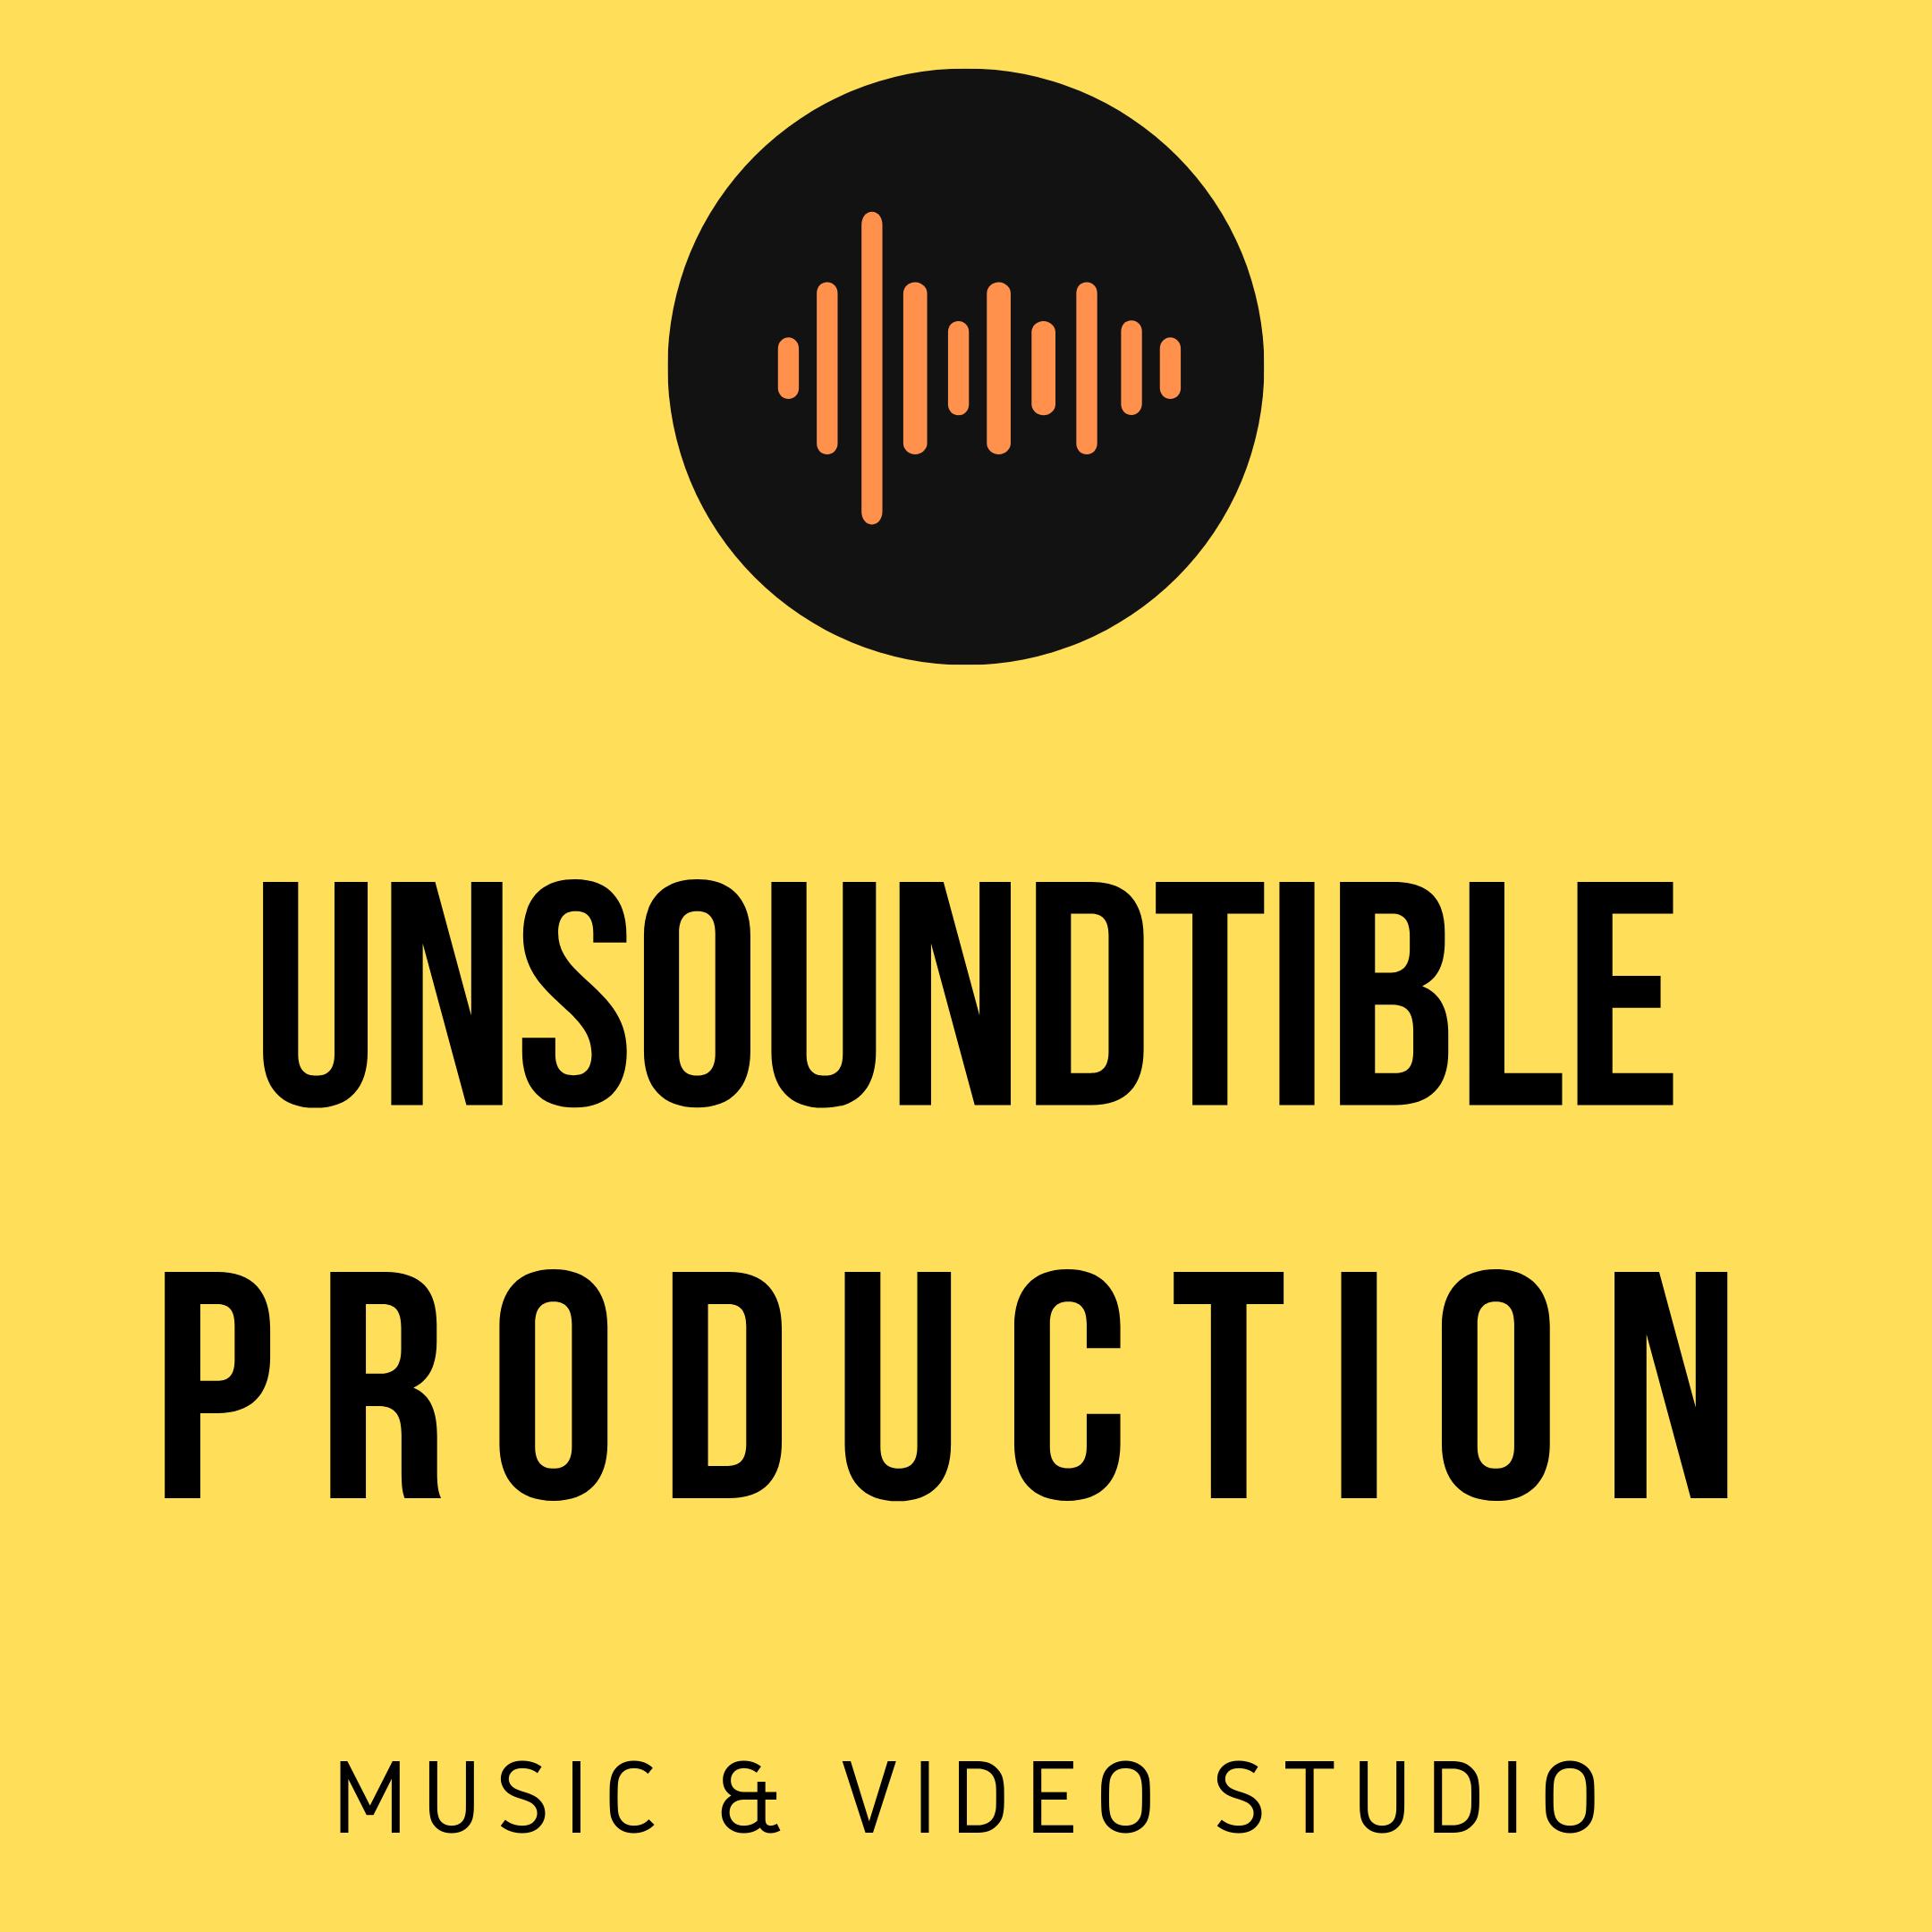 Unsoundtible Radio